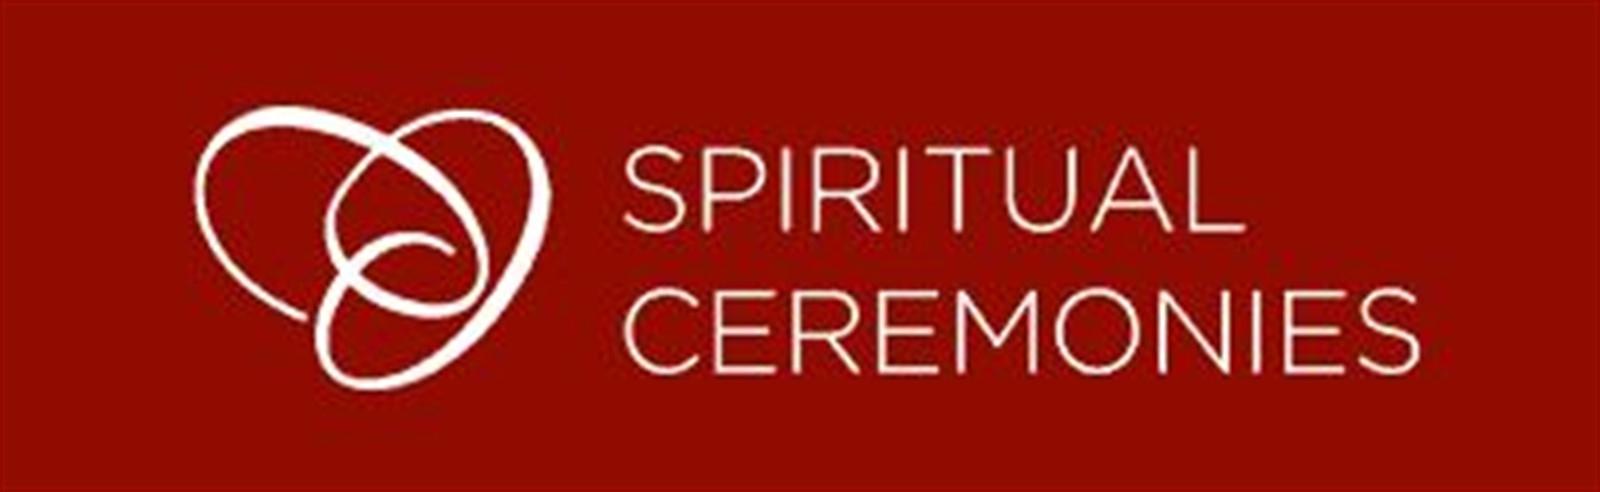 Spiritual Ceremonies (@spiritualceremonies) Cover Image